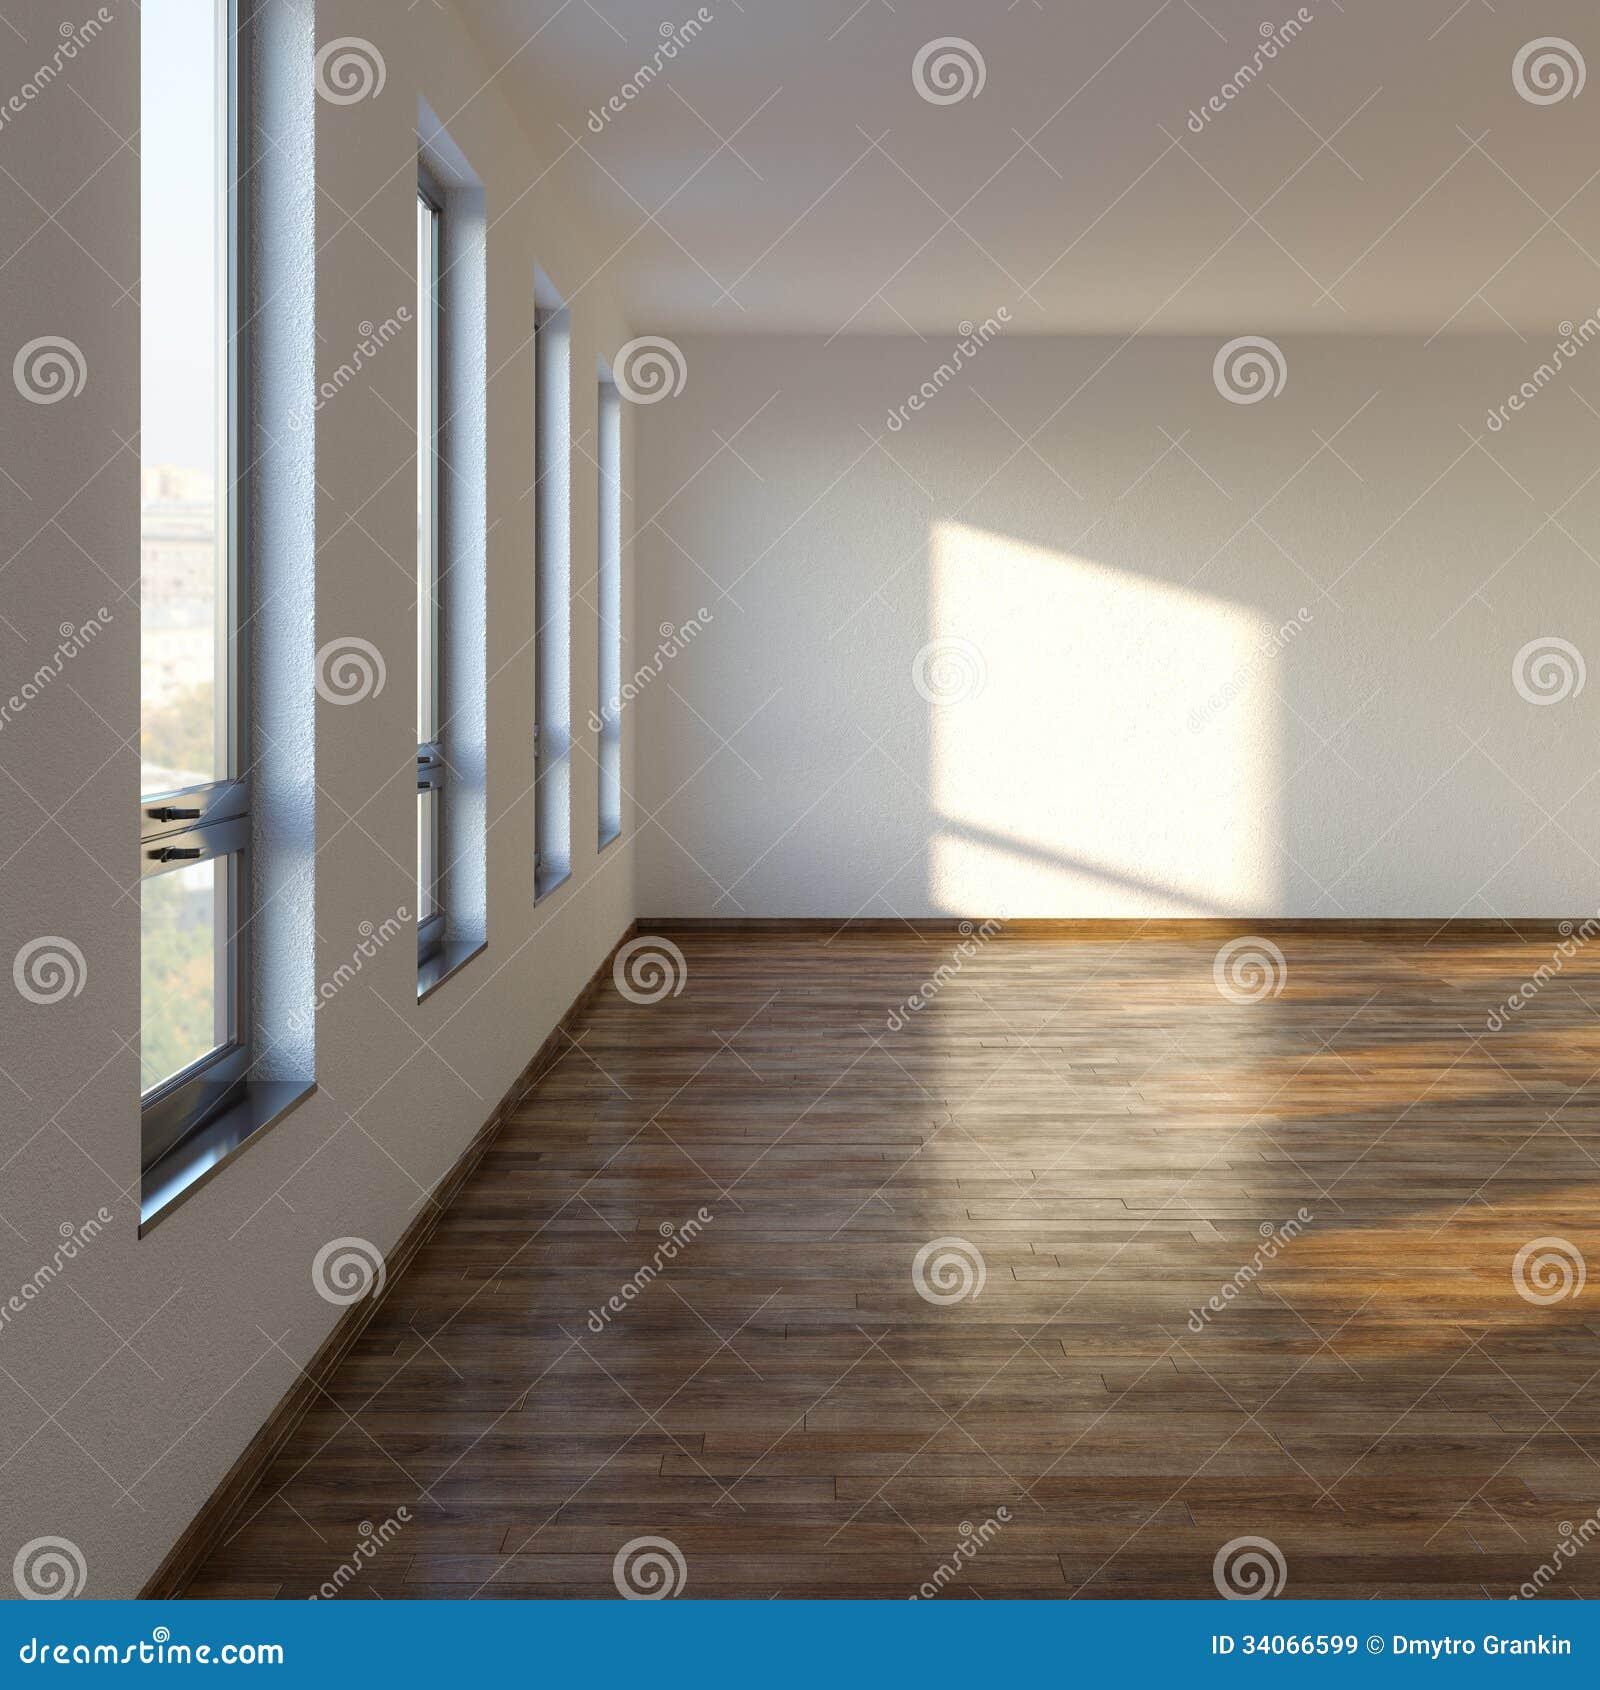 Malerisch Bodenbelag Wohnzimmer Foto Von Pattern Leeres Mit Lamellenförmig Em Stock Abbildung